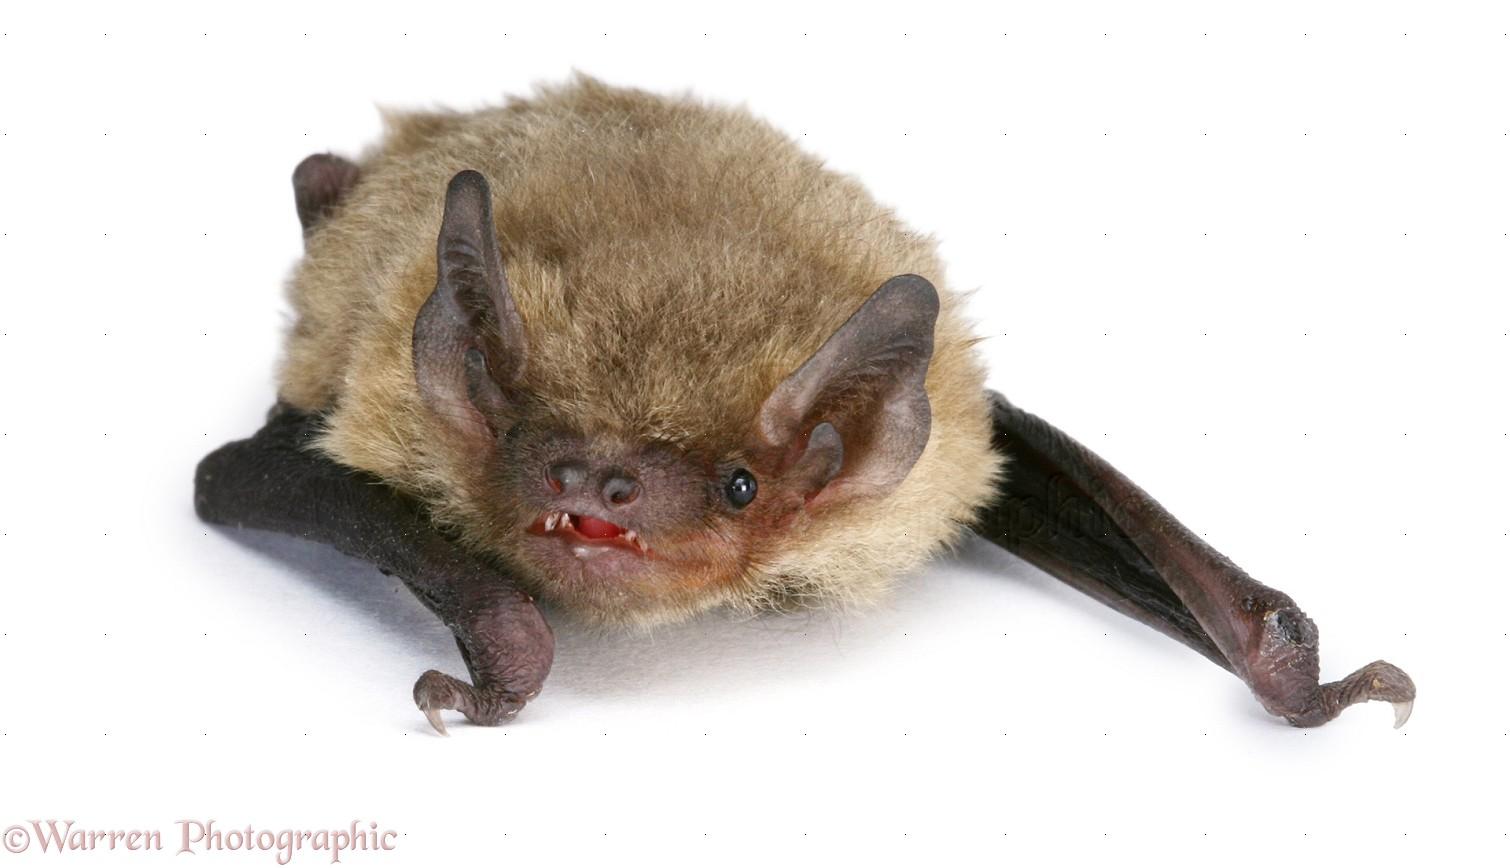 juvenile pipistrelle bat photo wp20141